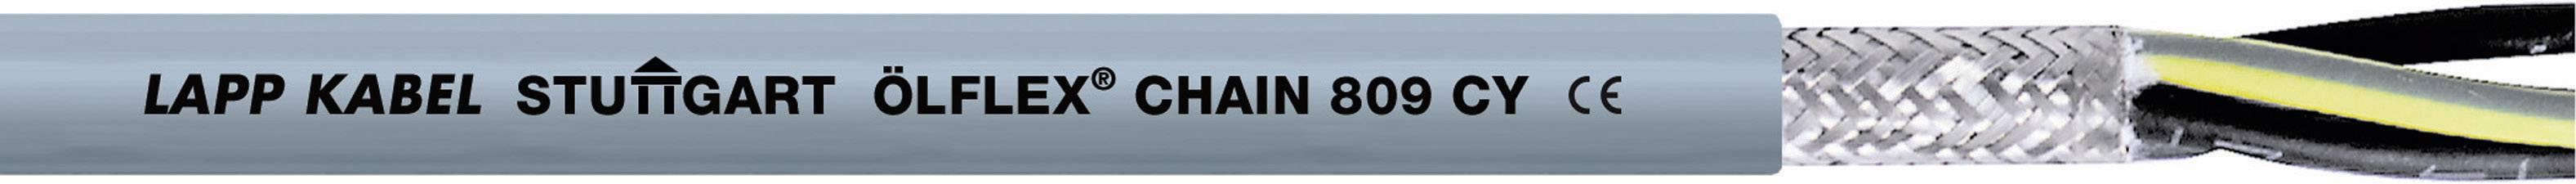 Žíla kabelu LappKabel ÖLFLEX CHAIN 809 CY 4G0,75 (1026761), 4x 0,75 mm², PVC, Ø 7,1 mm, stíněný, 50 m, šedá